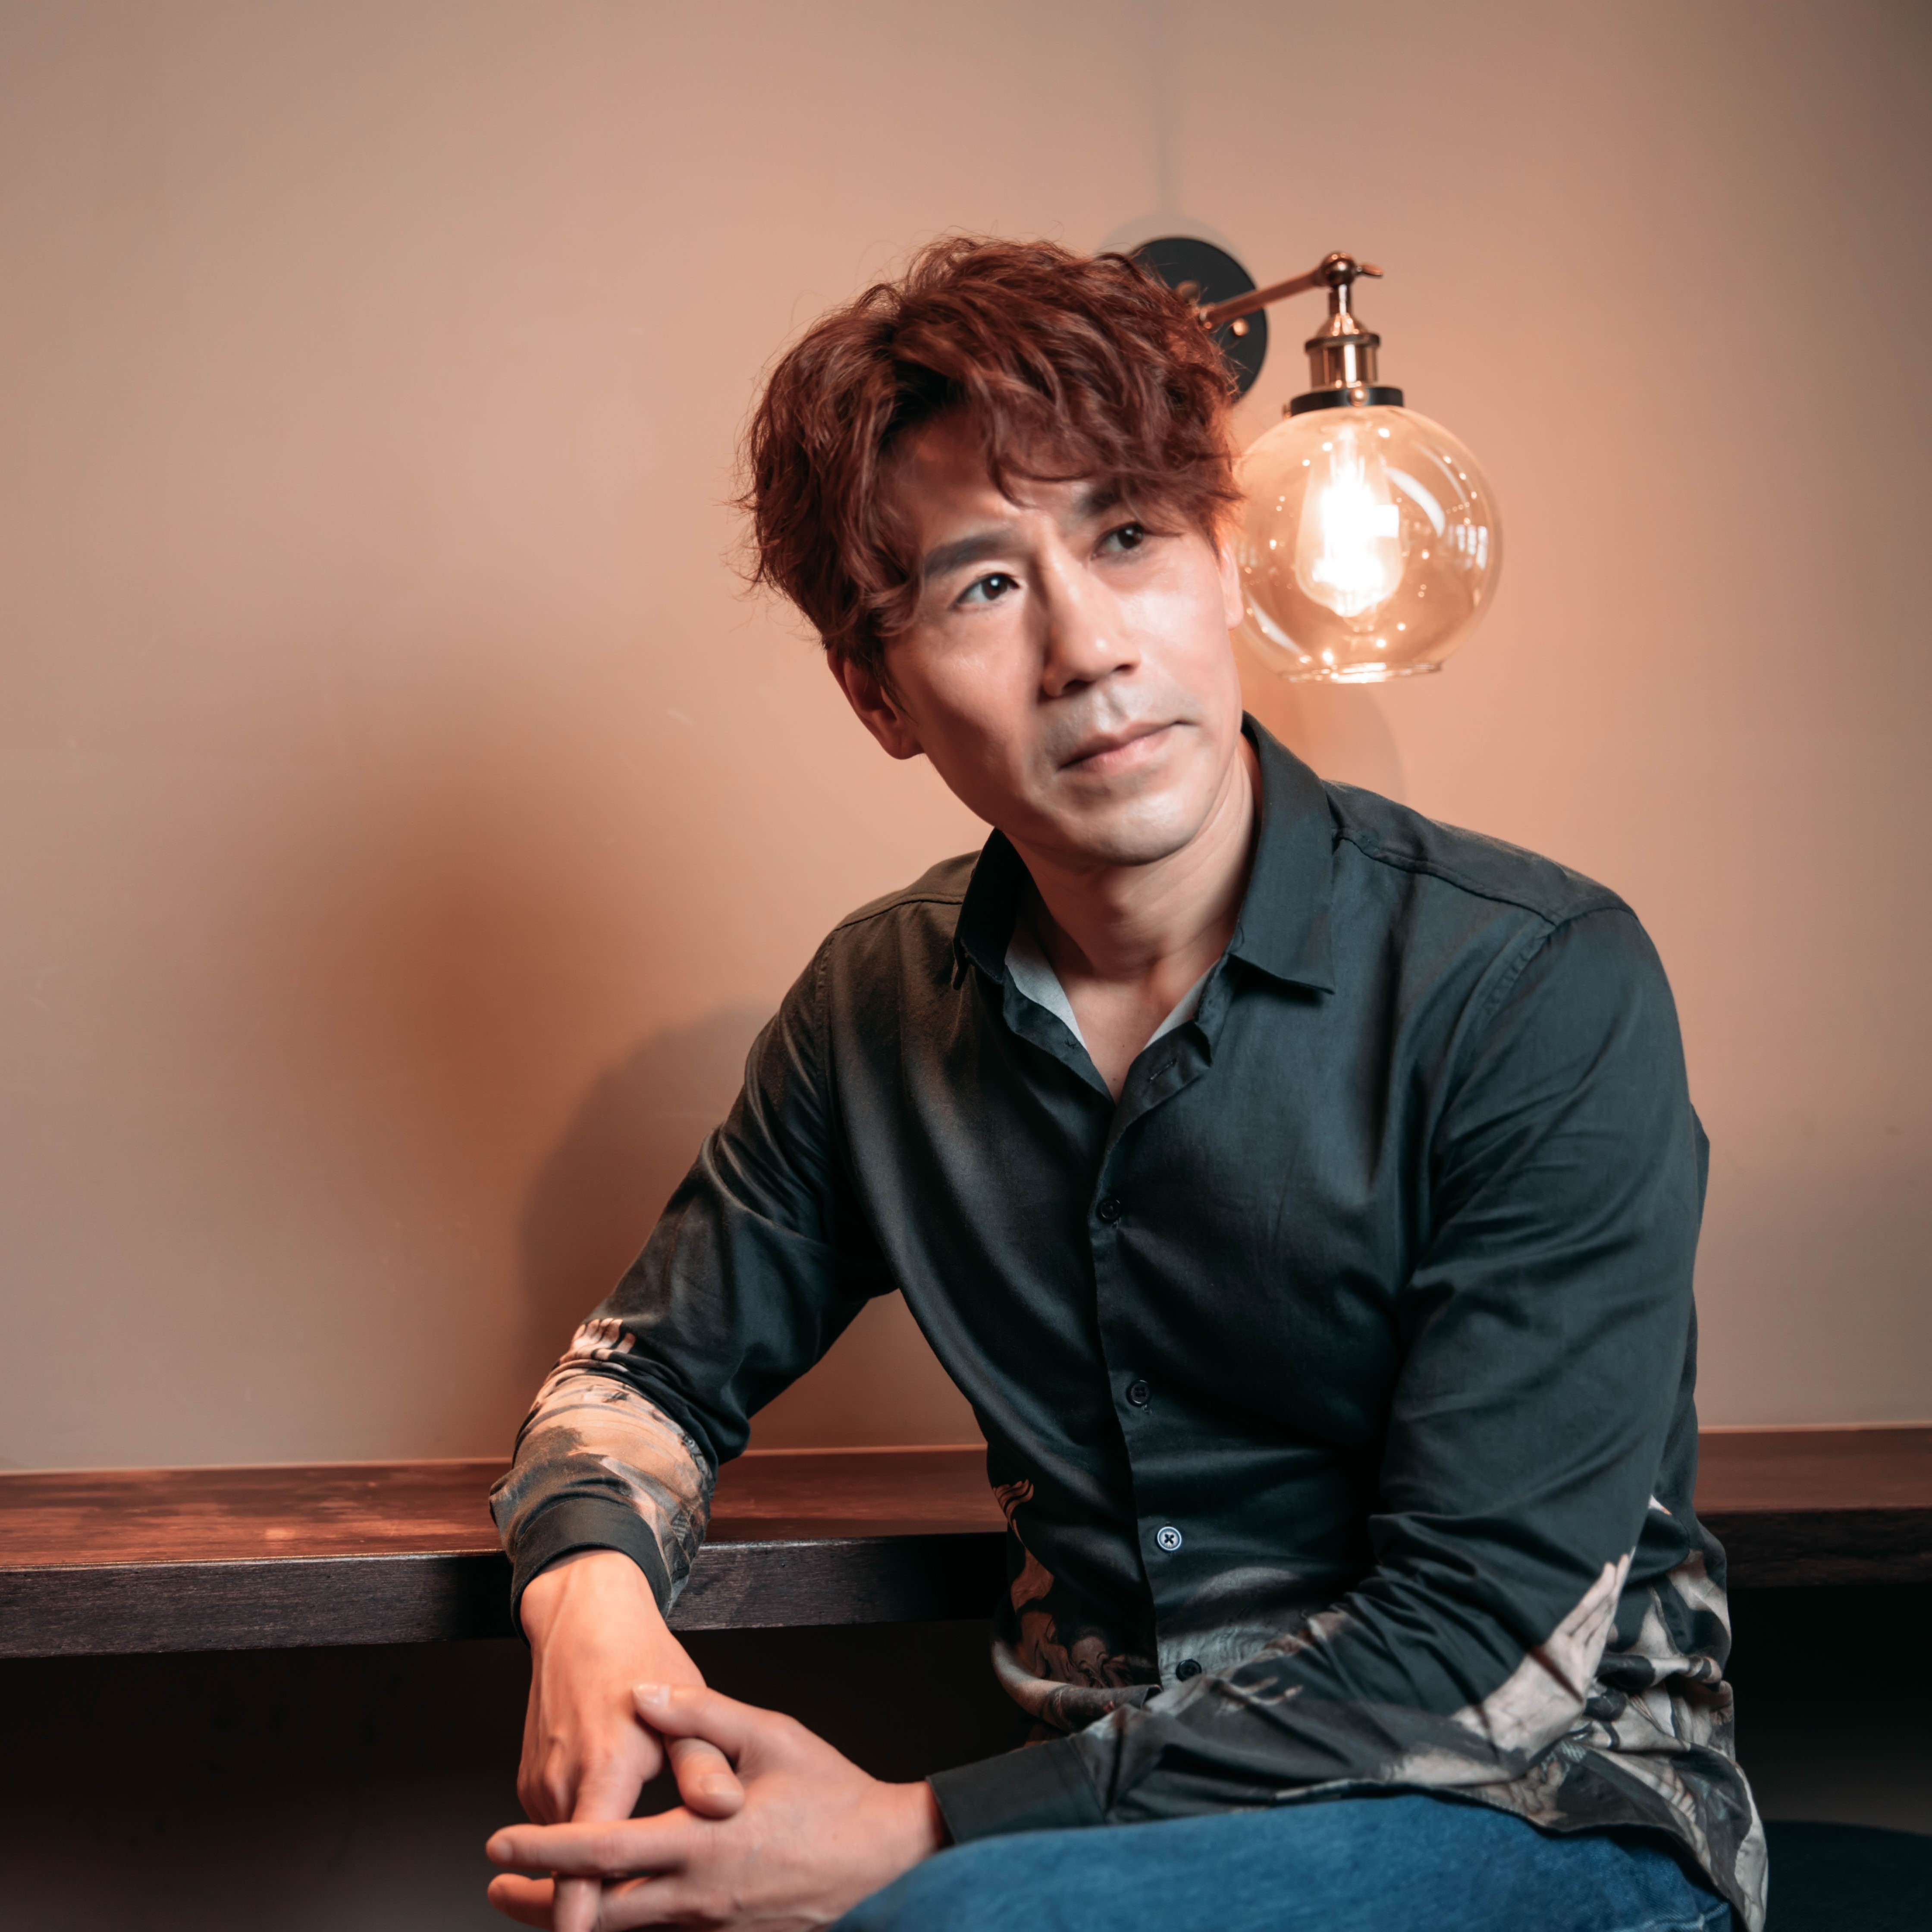 【專訪】羅時豐:人生就是要不斷的體驗,才能成就更完整的自己